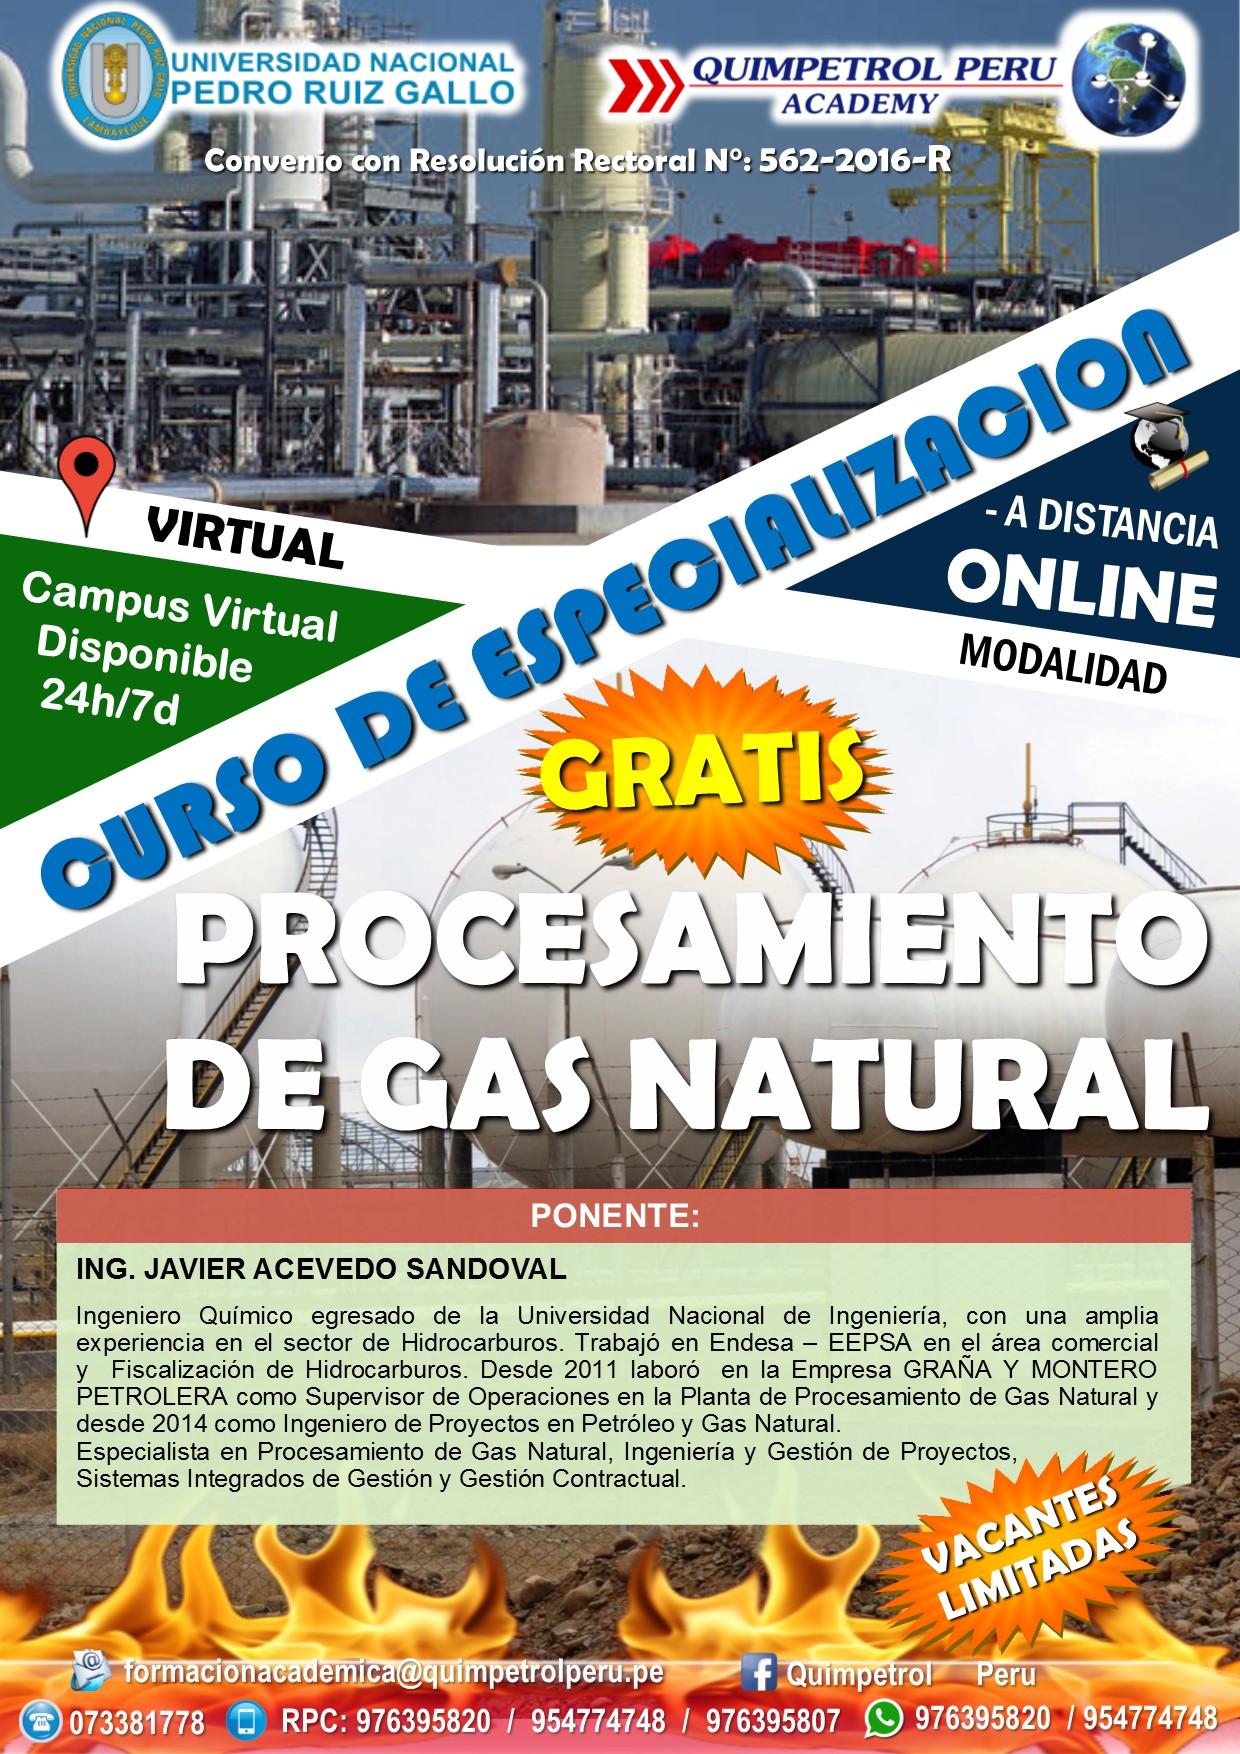 Curso de especialización: Procesamiento de Gas Natural